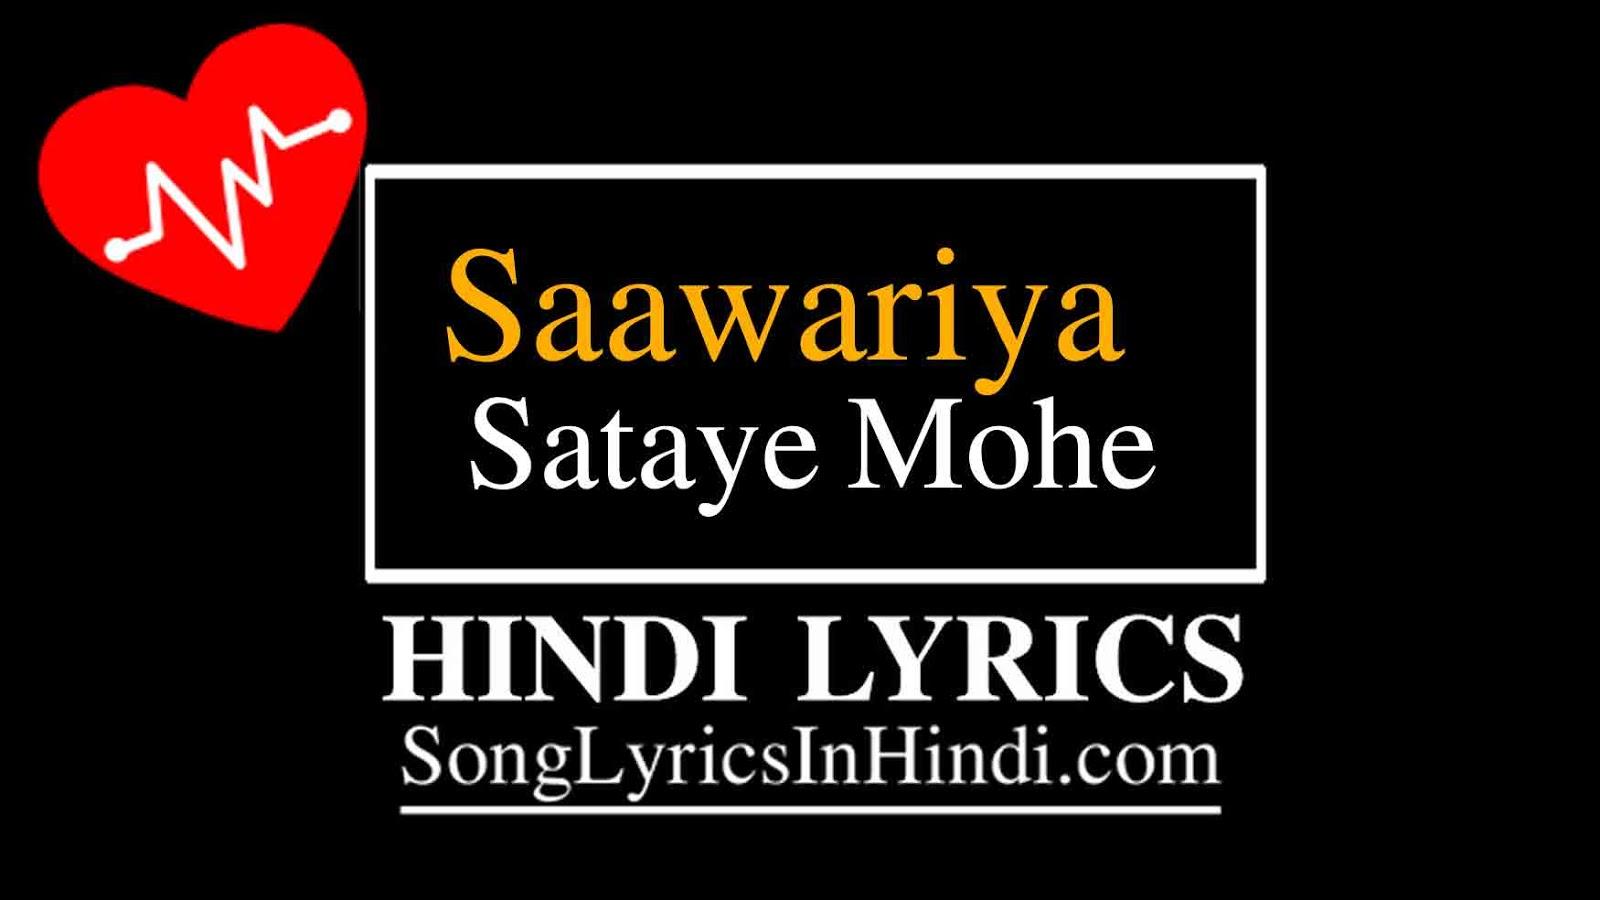 Saawariya Sataye Mohe Lyrics Hindi